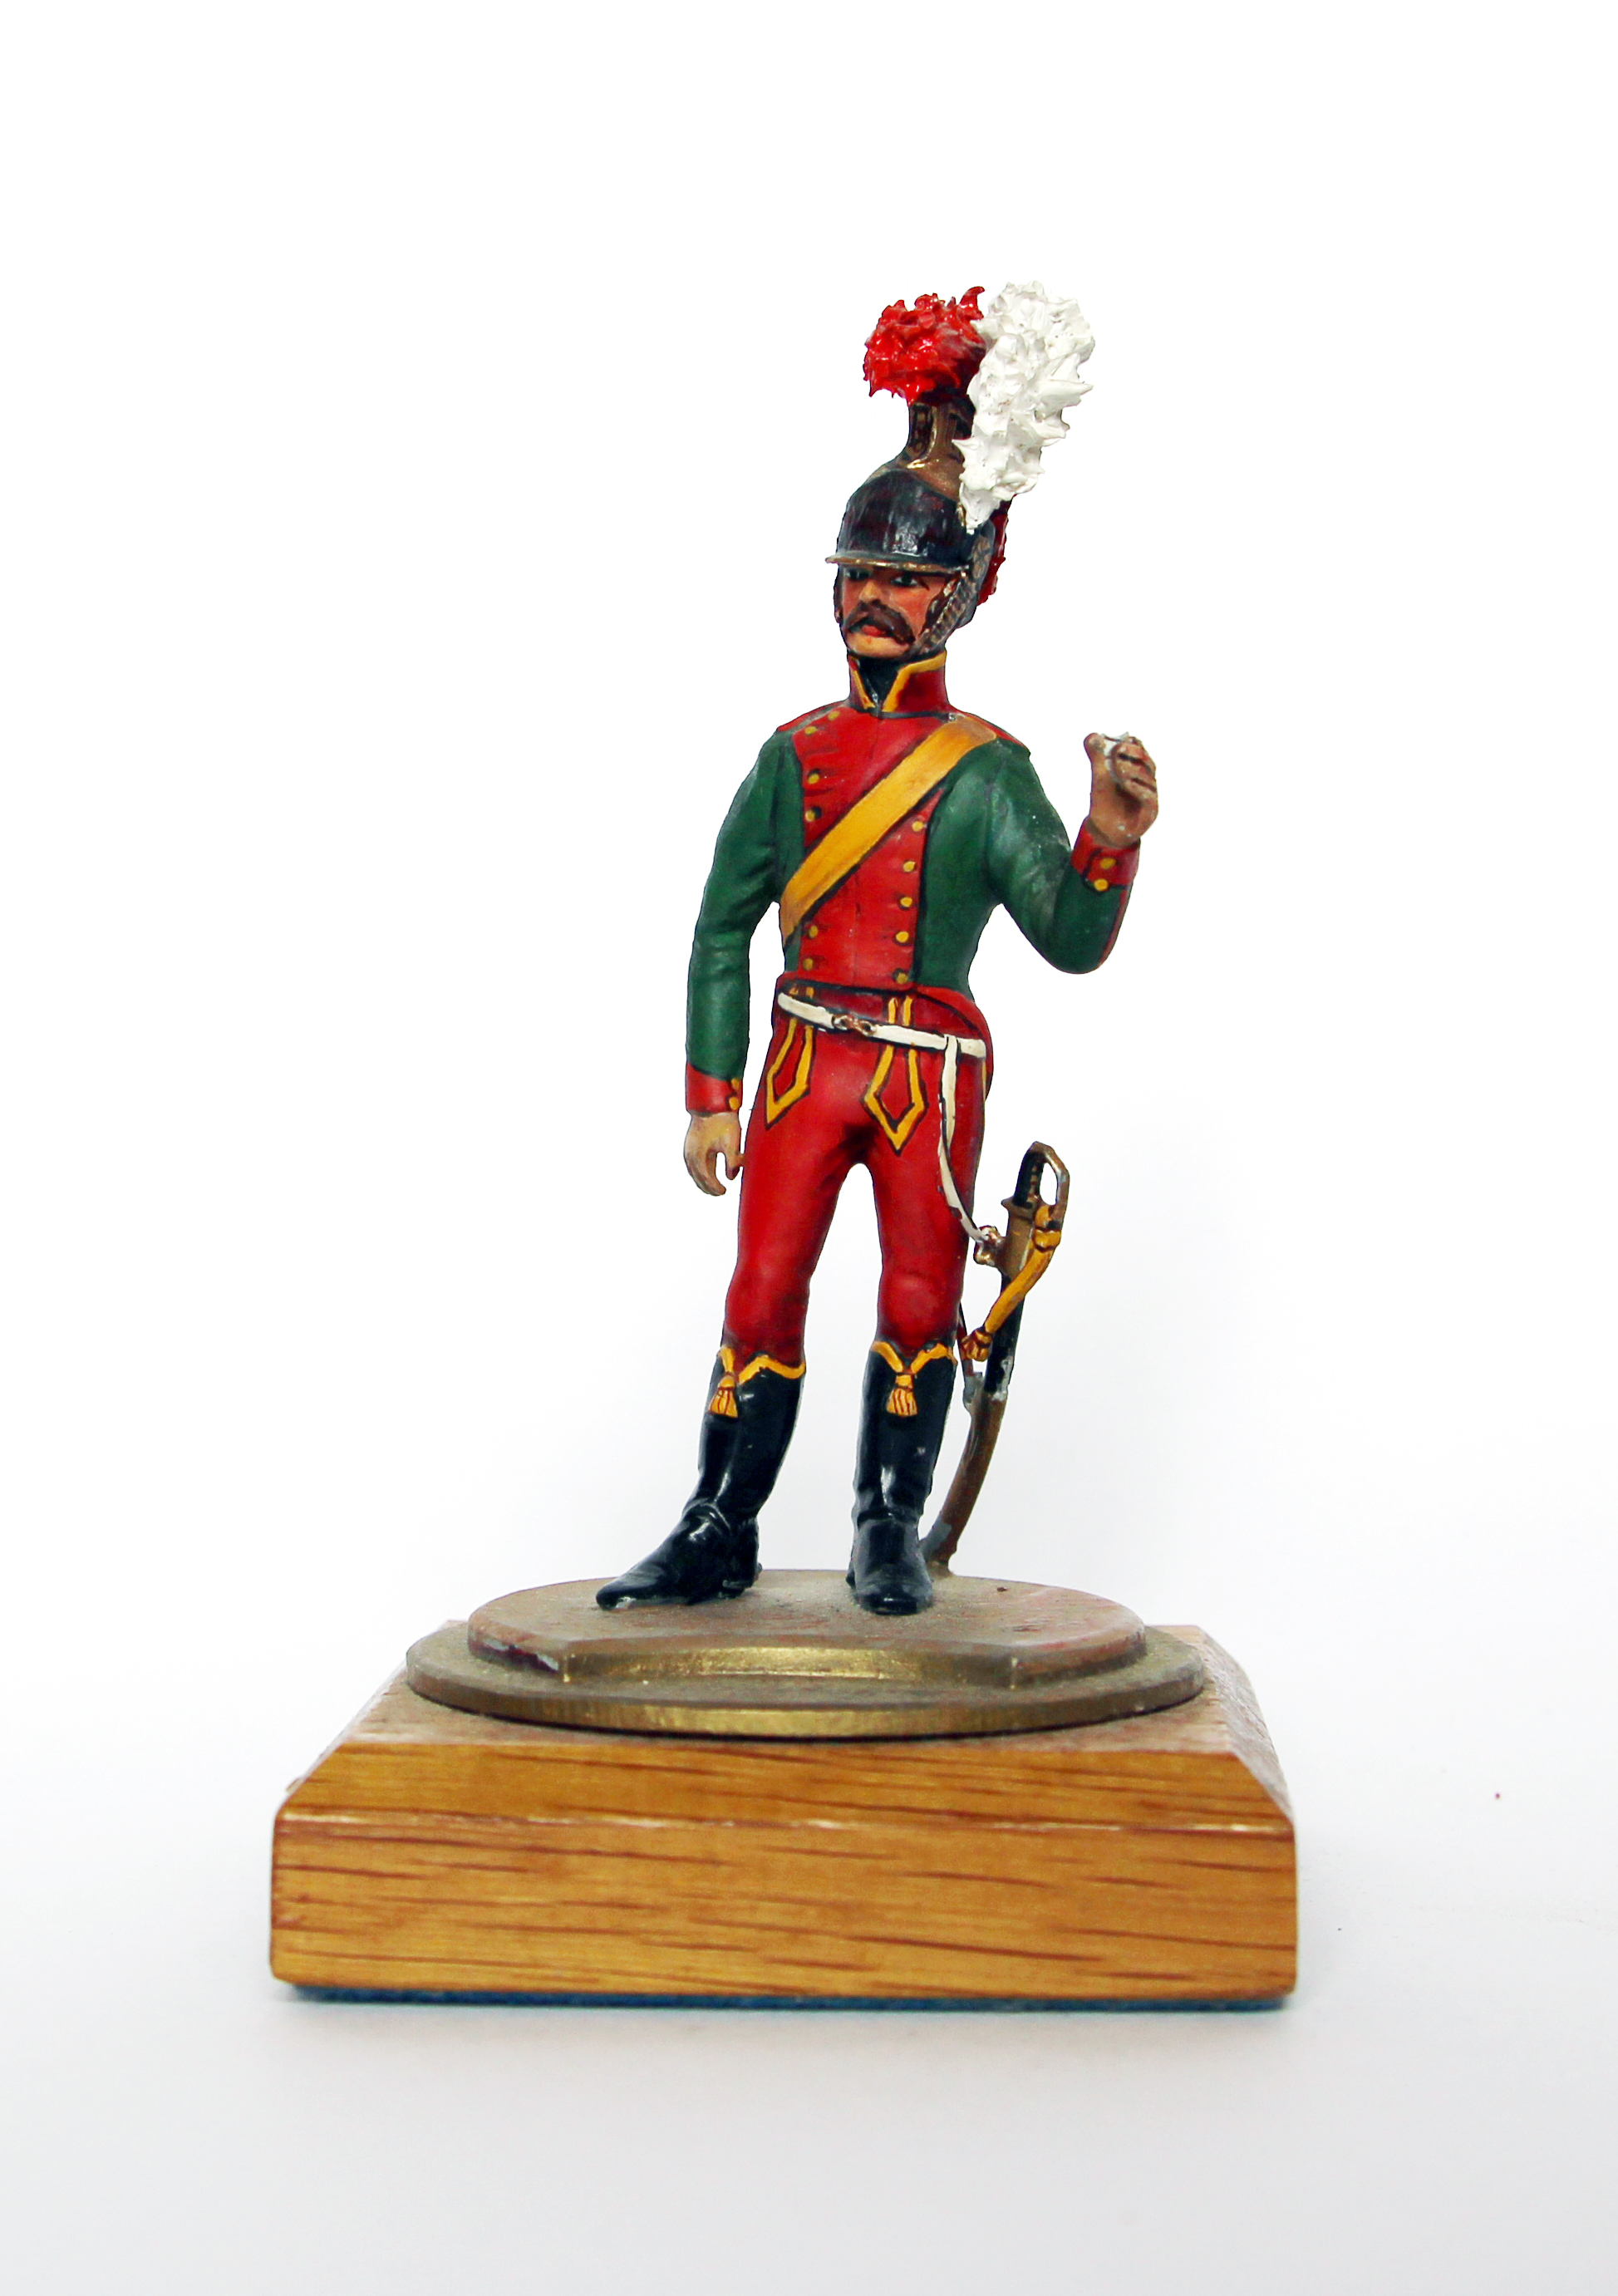 Figurine Series 77 - Peinture collectionneur - Chevau-léger Lancier Compagnie d'Elite - 1er Empire 1815